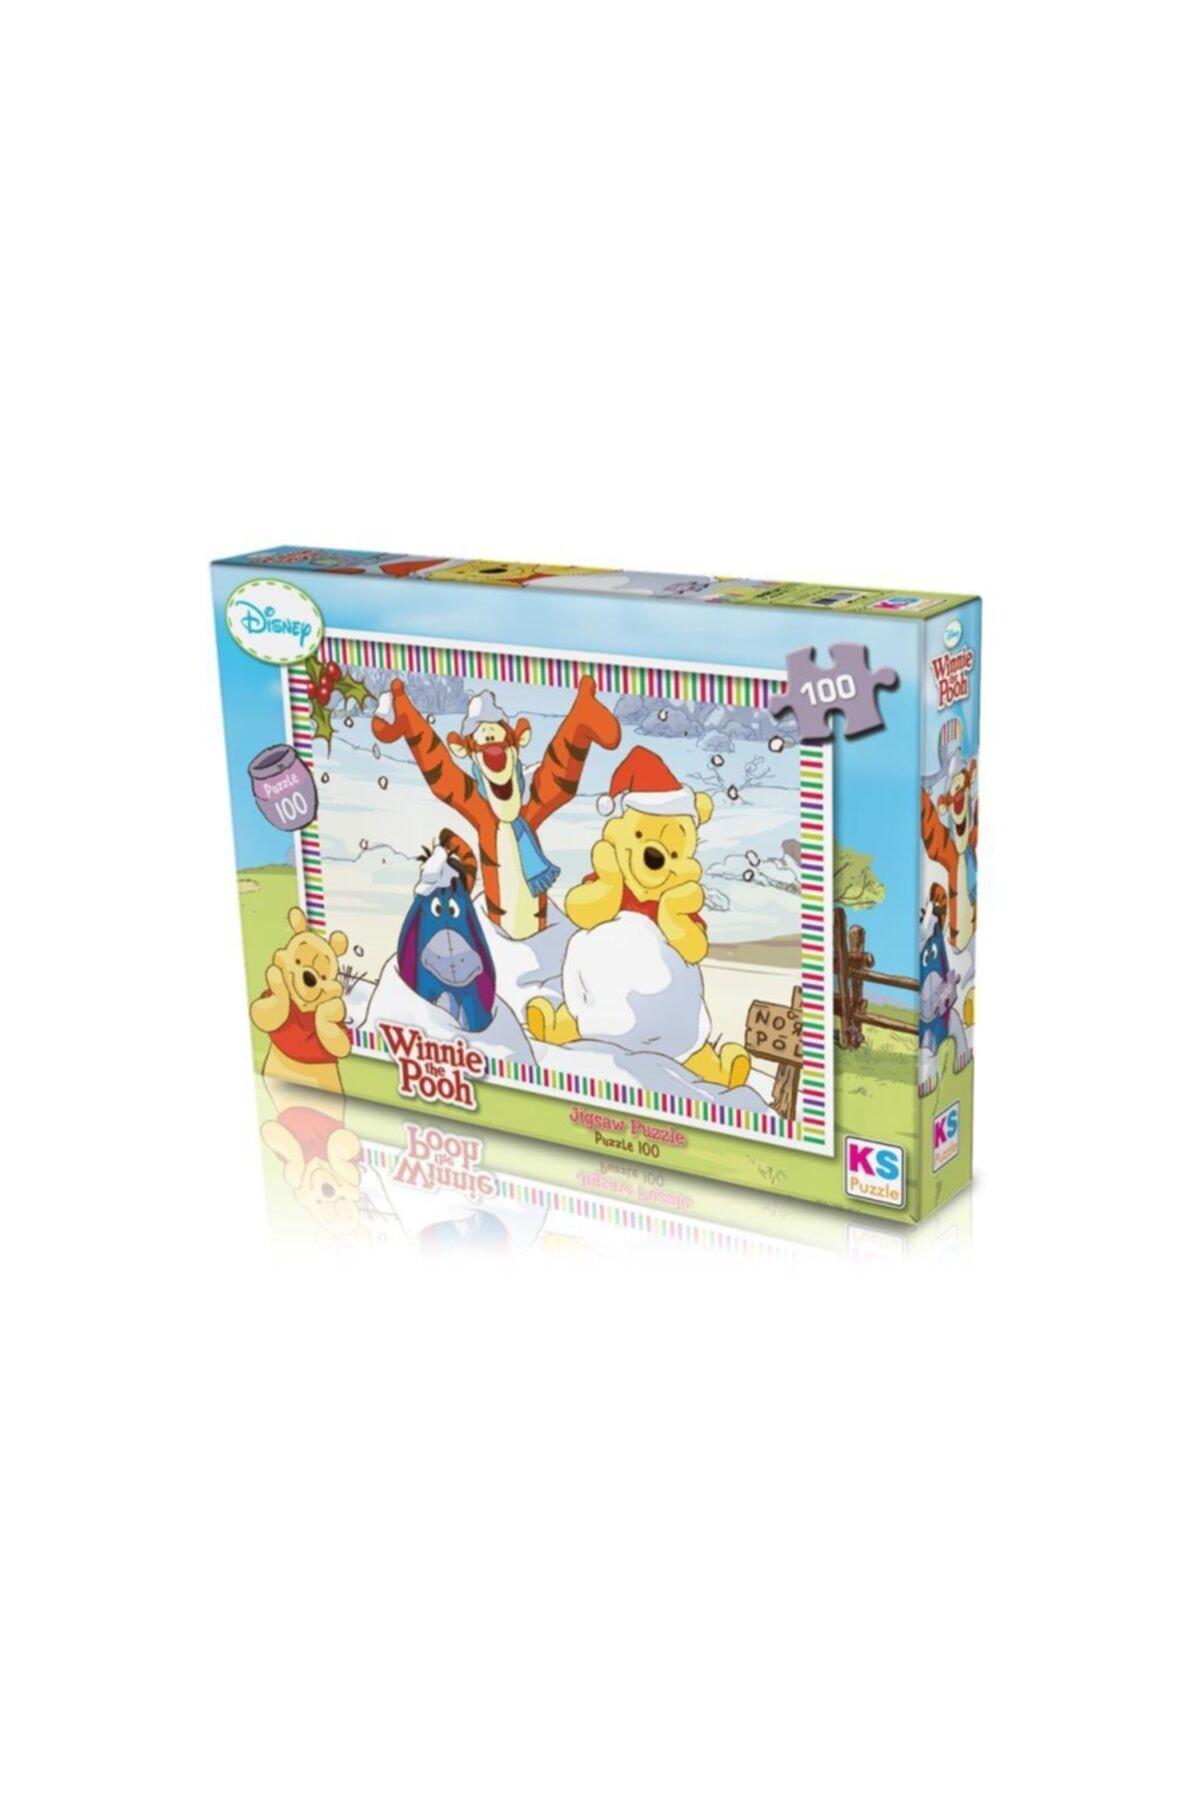 Winnie The Pooh 100 * puzzle * ksgames * beste qualität große größe und hohe auflösung geschenk dekorative benutzerdefinierte luxus